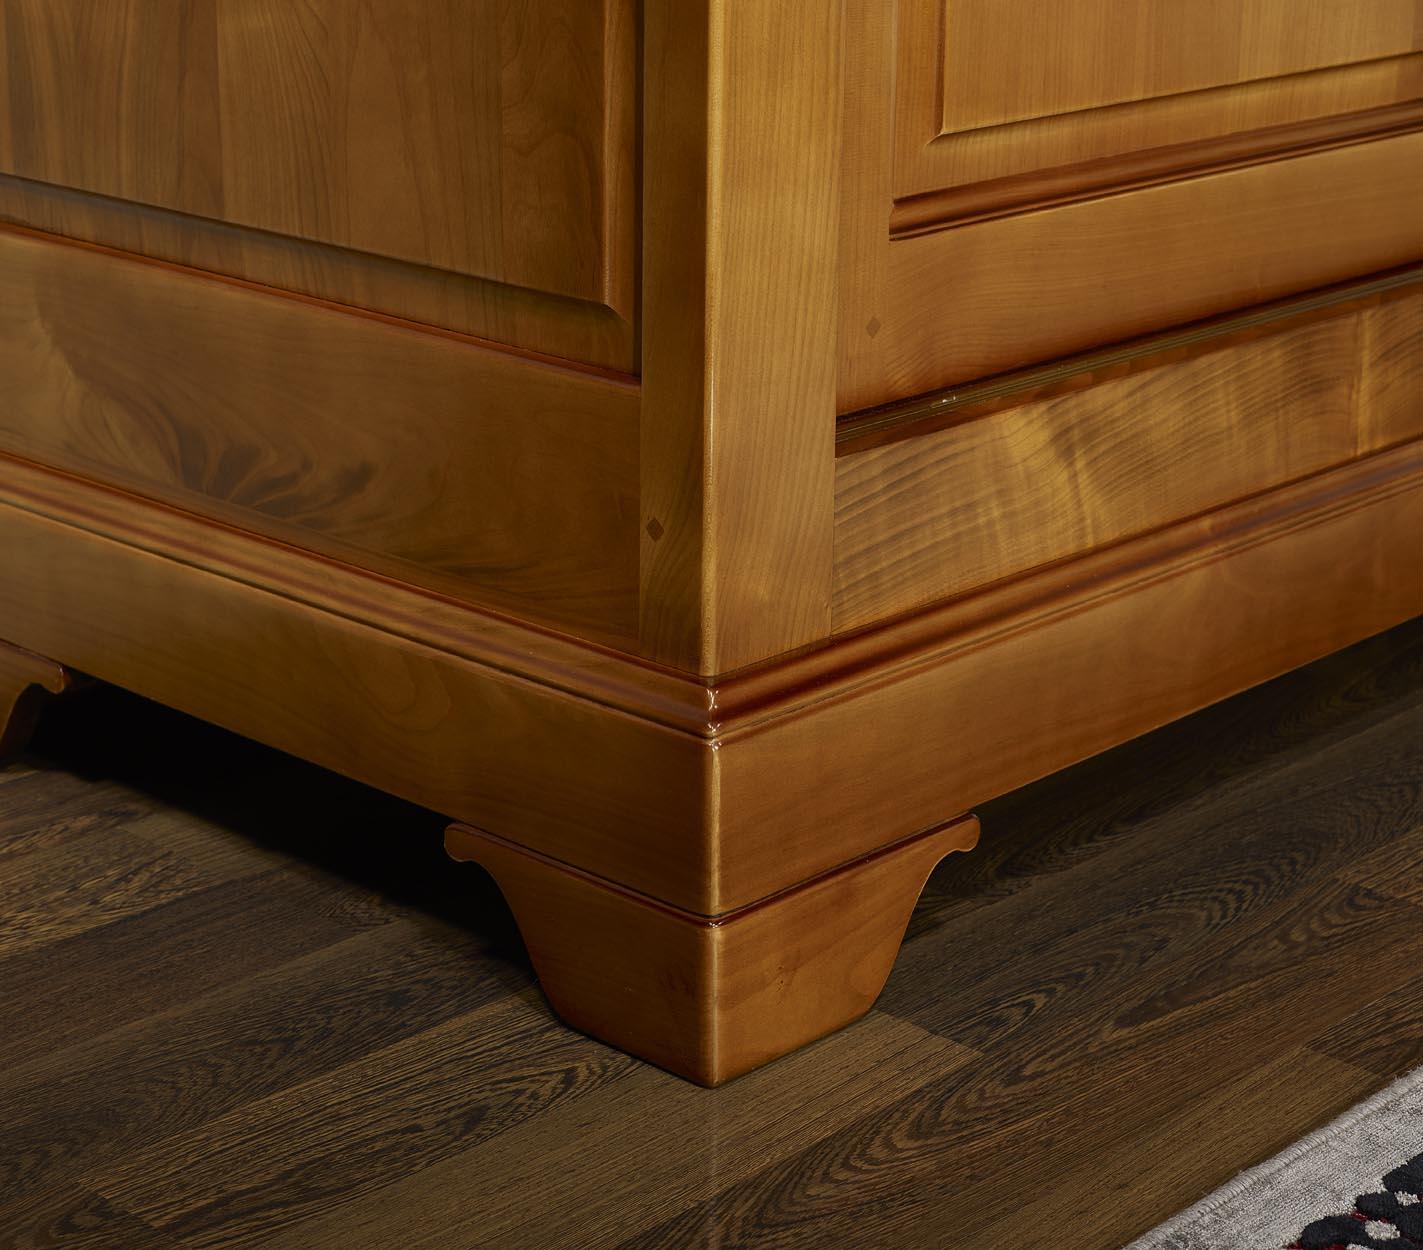 Armario de 2 puertas correderas hecho en cerezo macizo estilo louis philippe meuble en merisier - Ajustar puertas armario ...